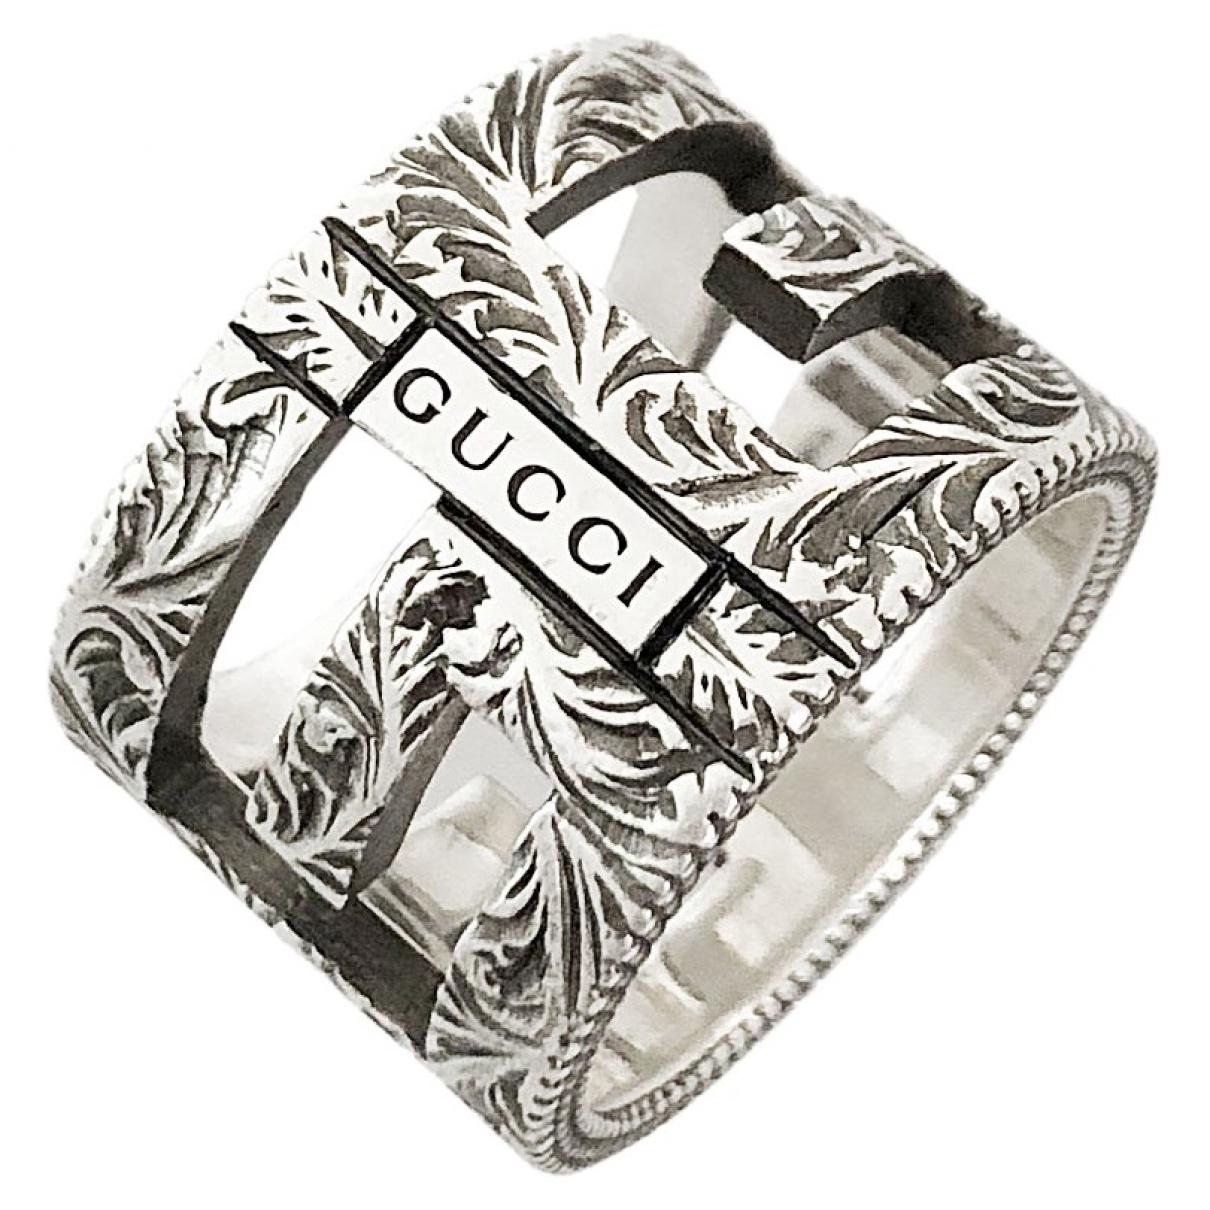 Joya de Plata Gucci